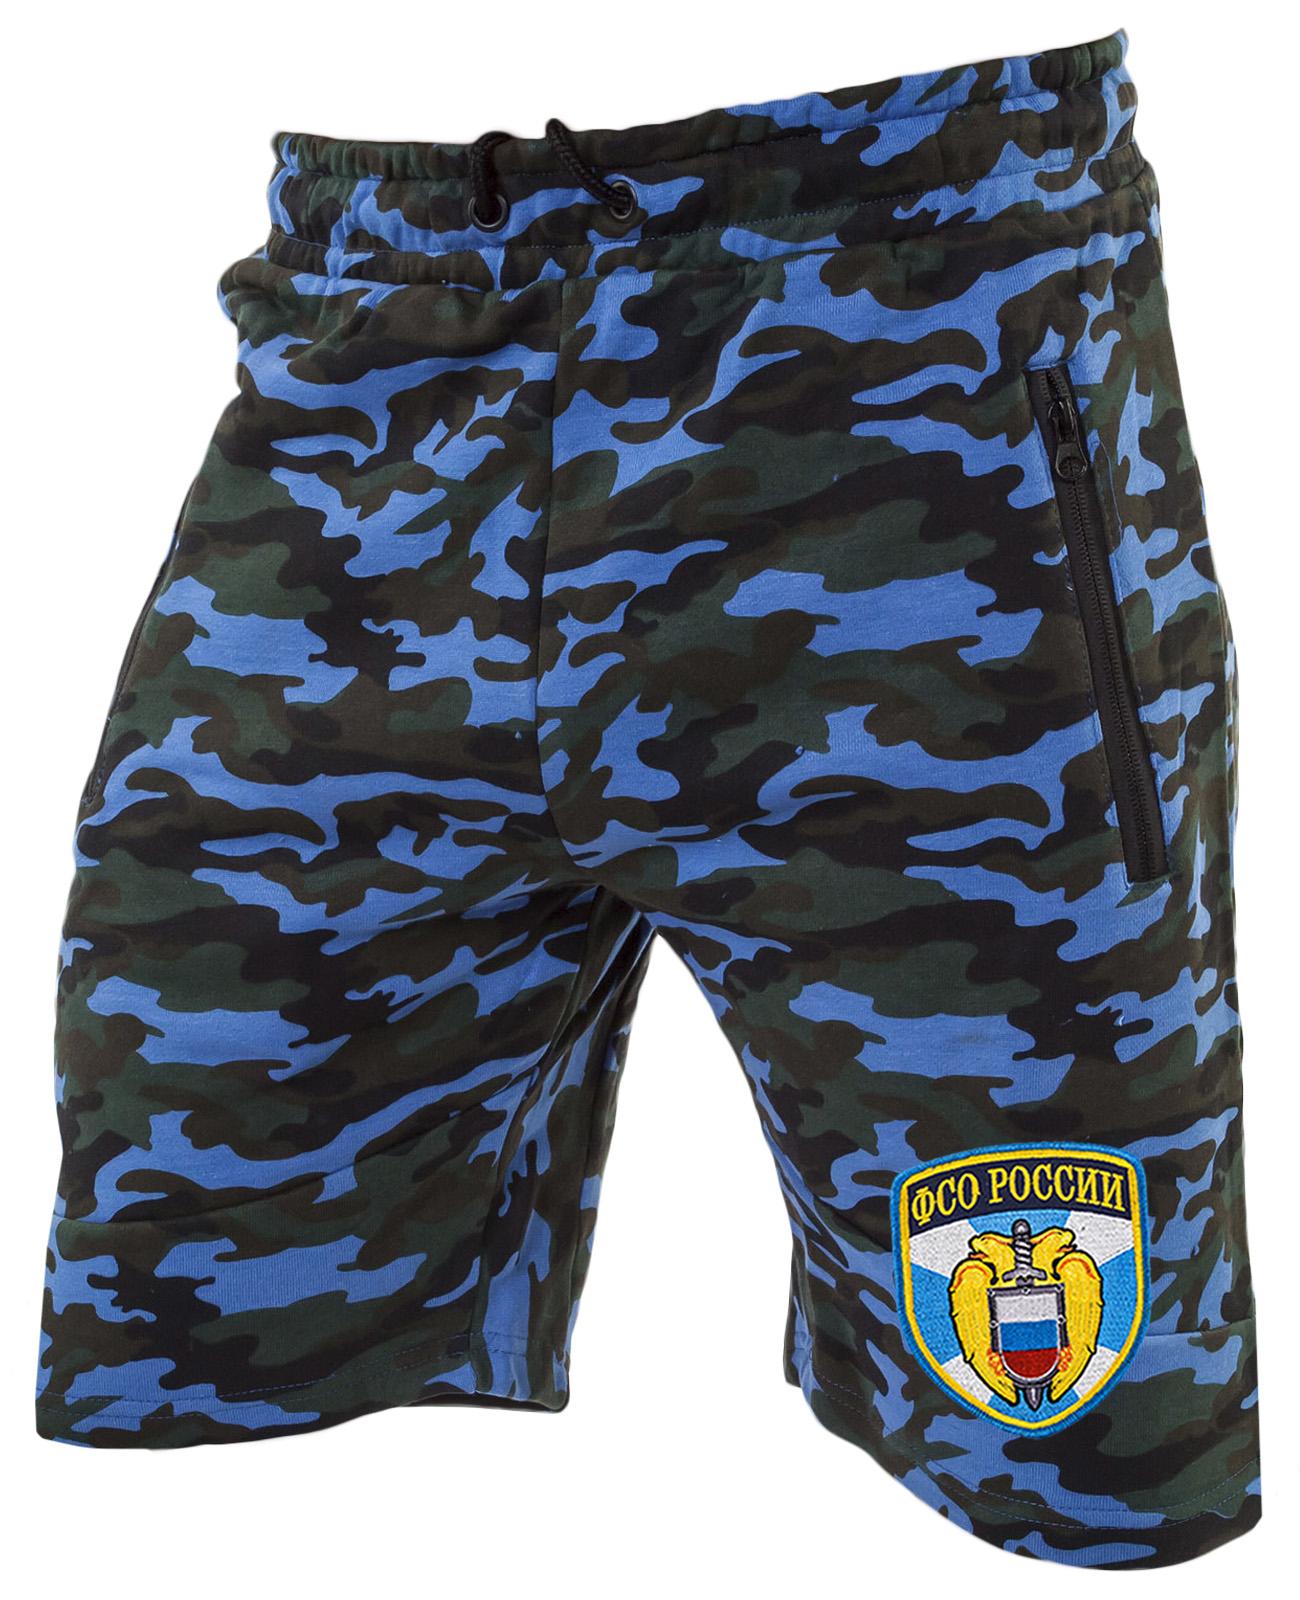 Синие удлиненные шорты с нашивкой ФСО